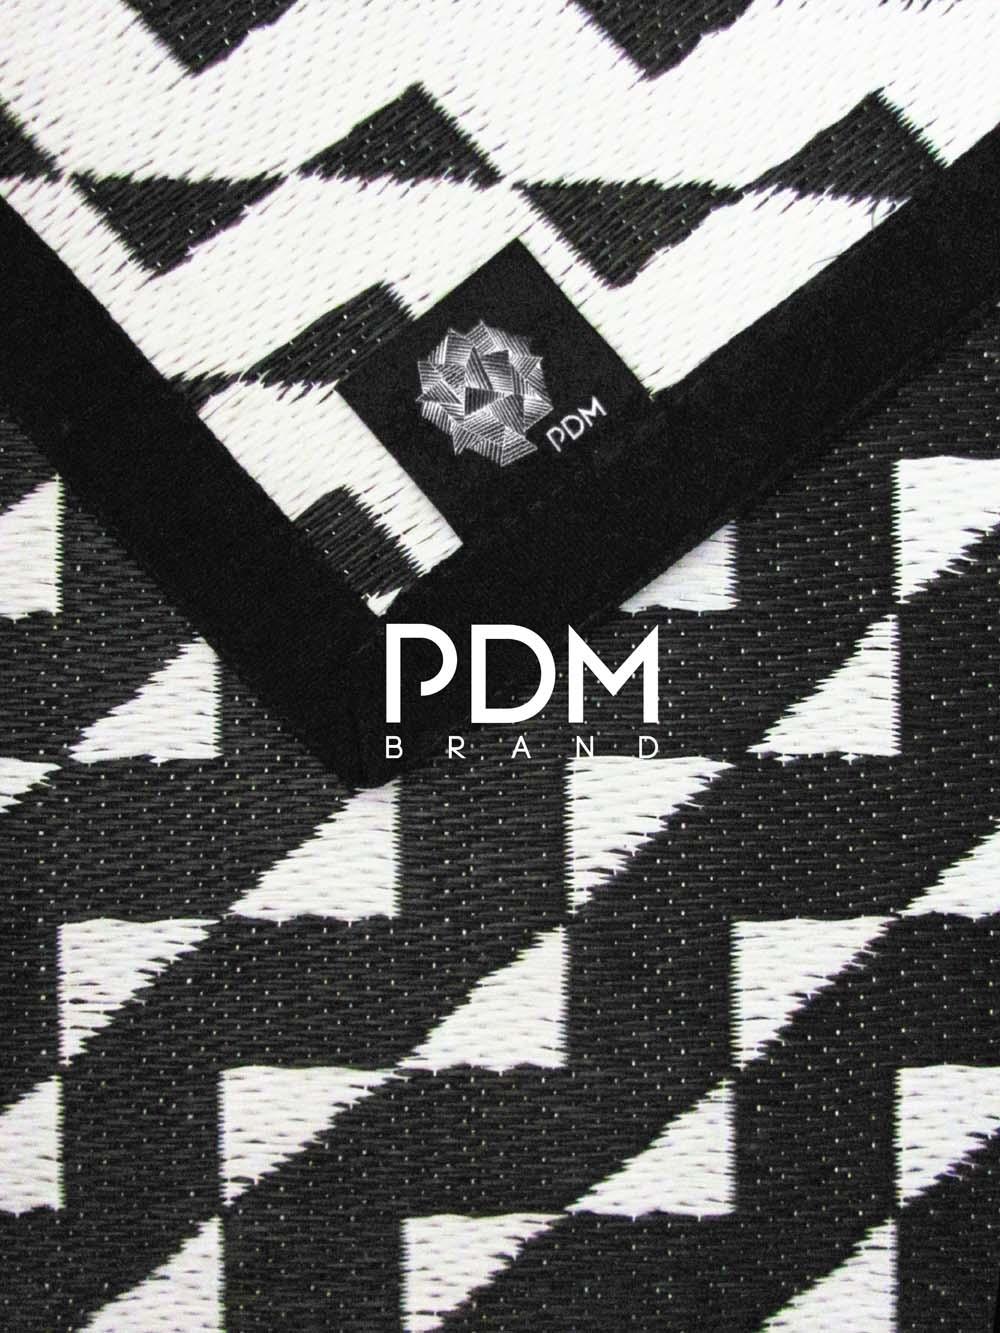 PDM Brand